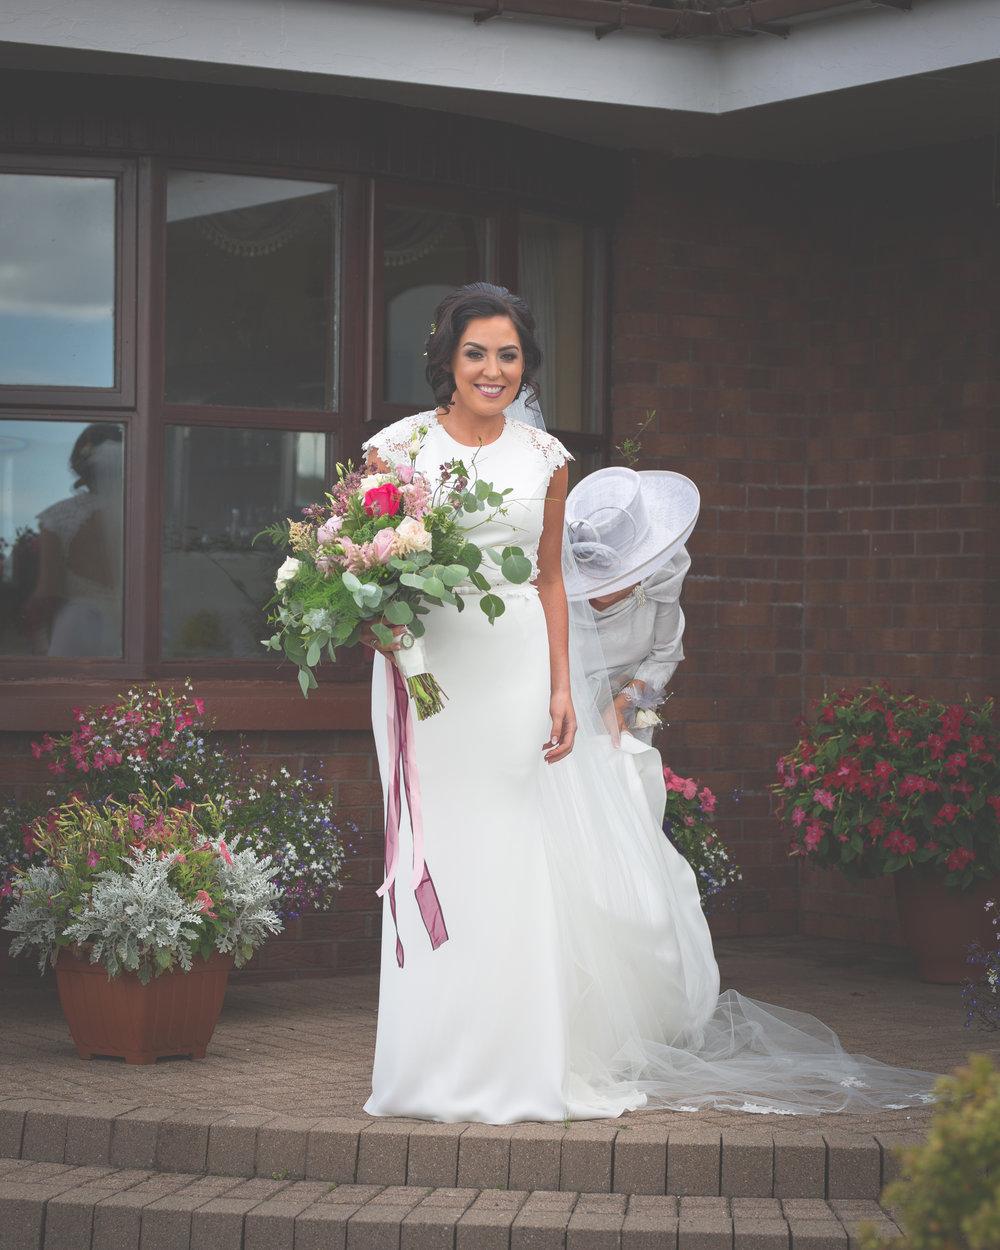 Brian McEwan Wedding Photography | Carol-Anne & Sean | Bridal Preparations-172.jpg